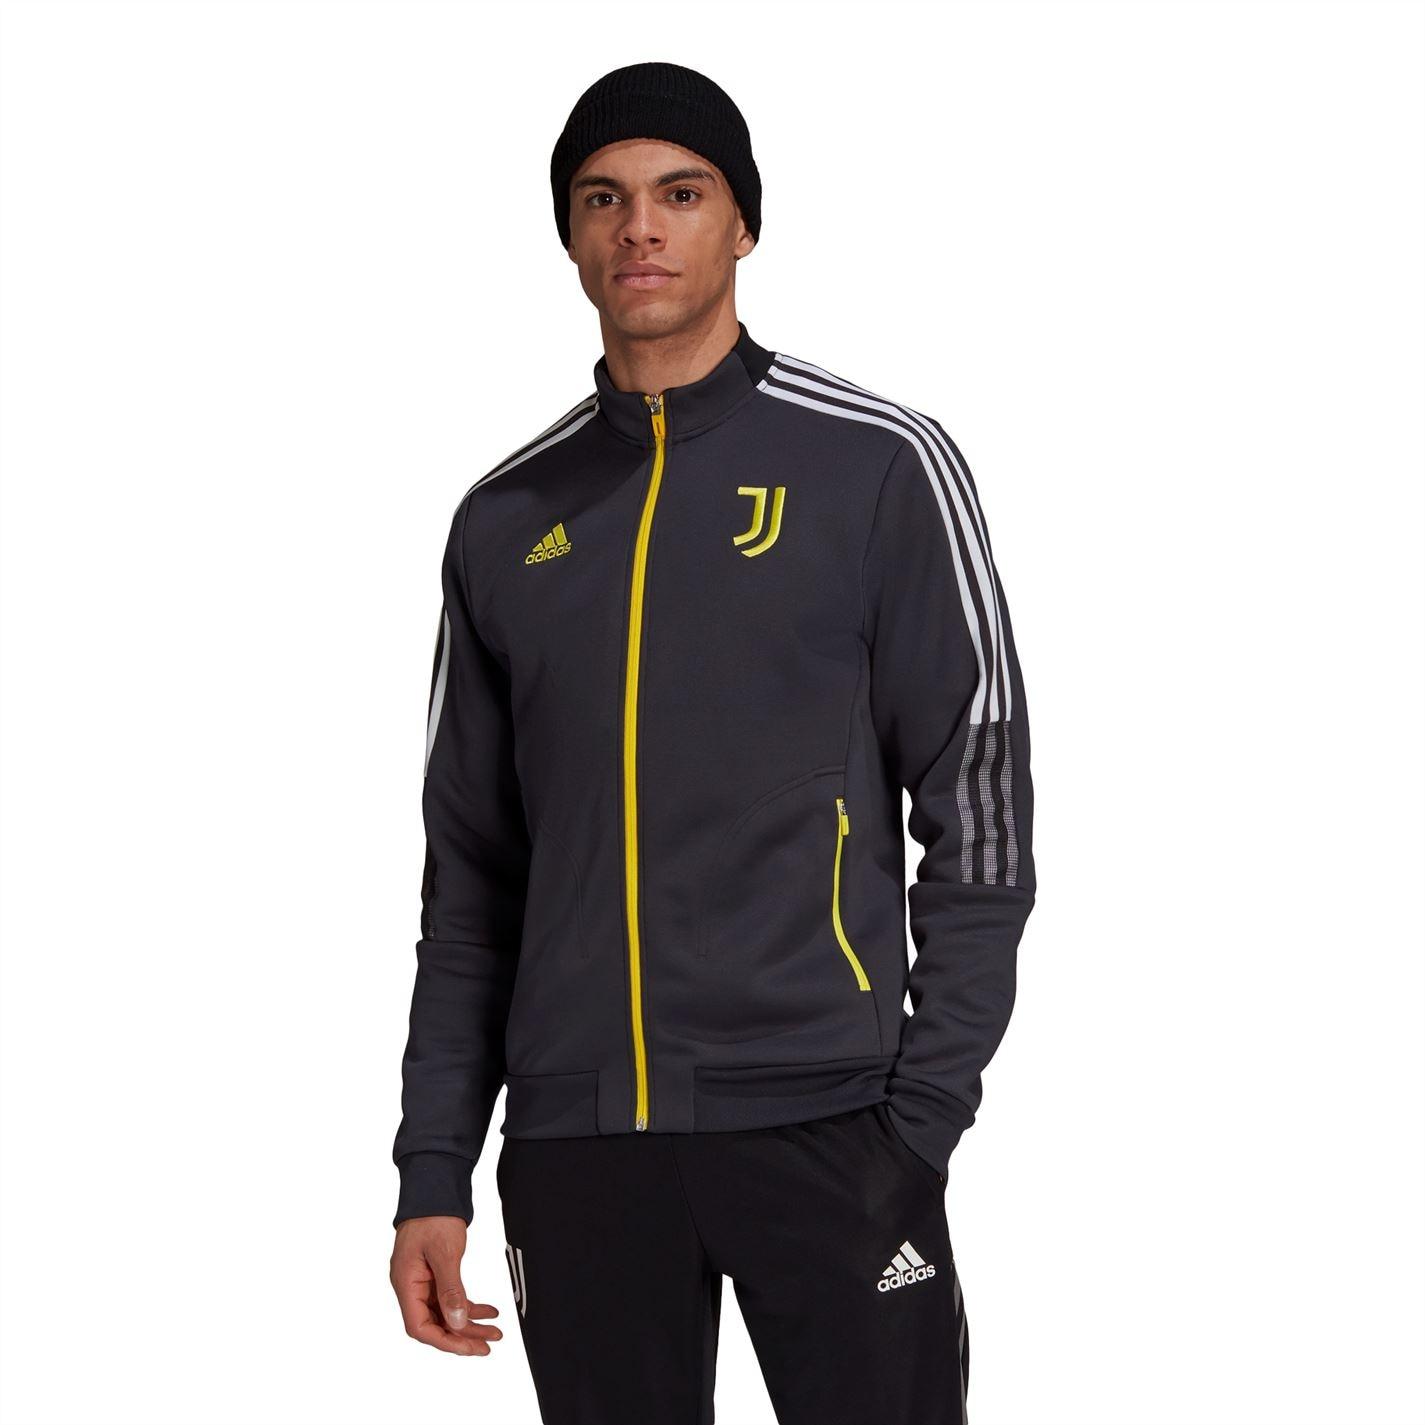 Mergi la Jacheta adidas Juventus Anthem 2021 2022 gri carbon